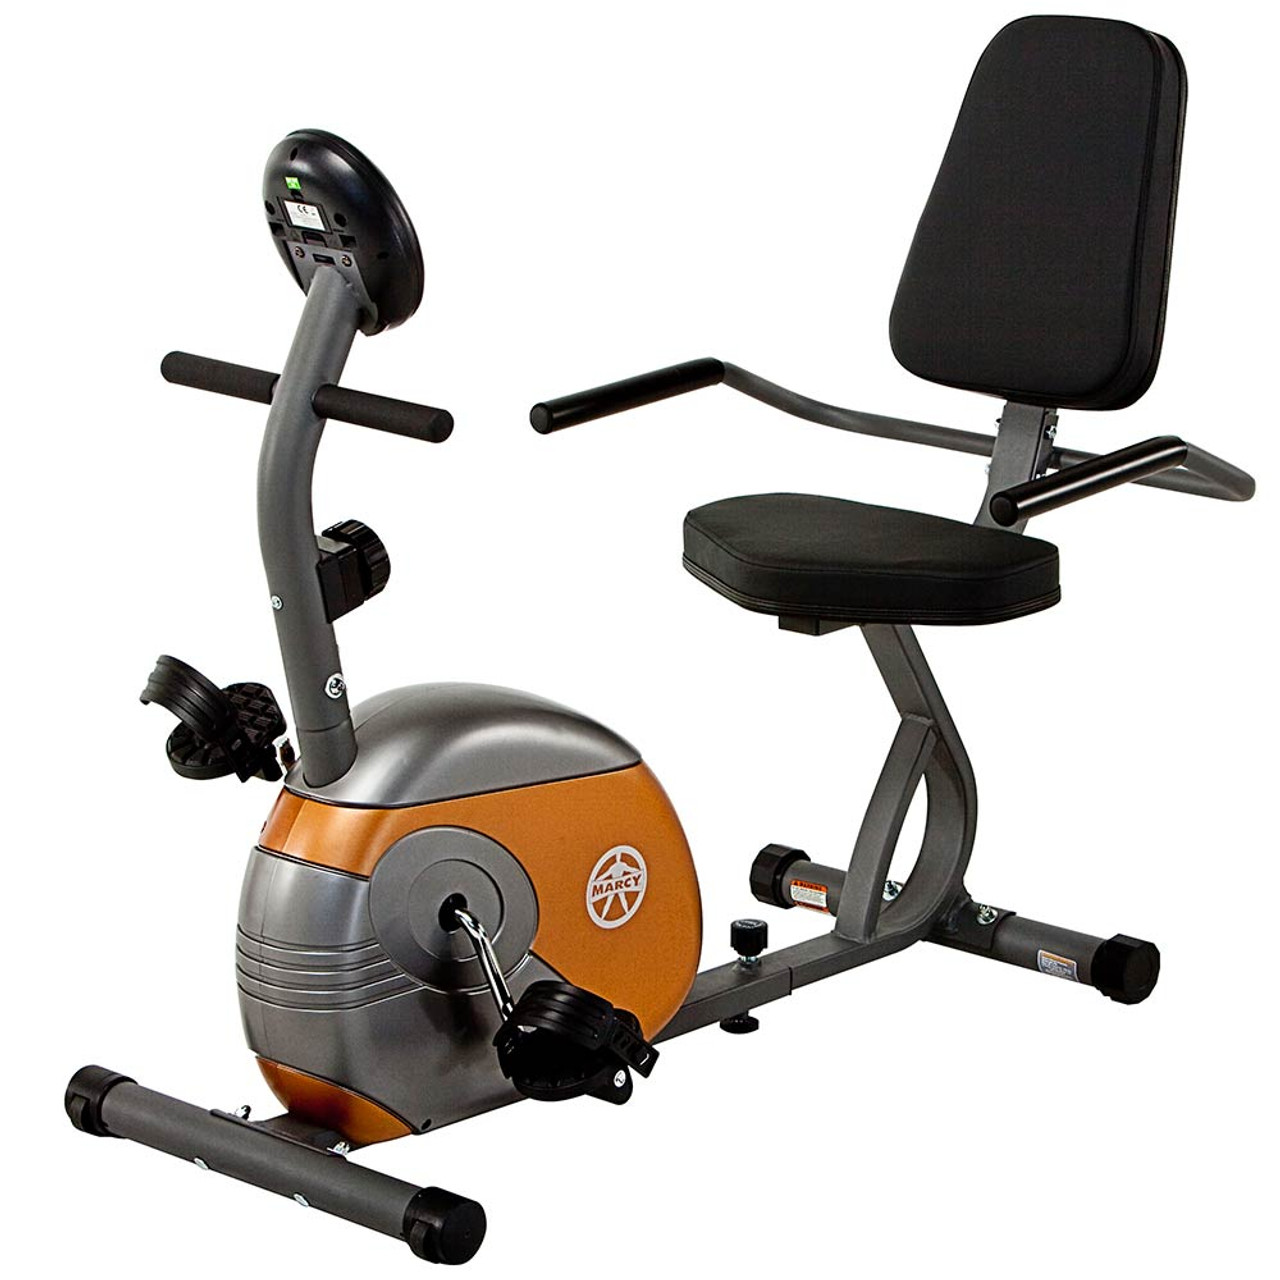 Recumbent bike marcy me quality cardio exercise